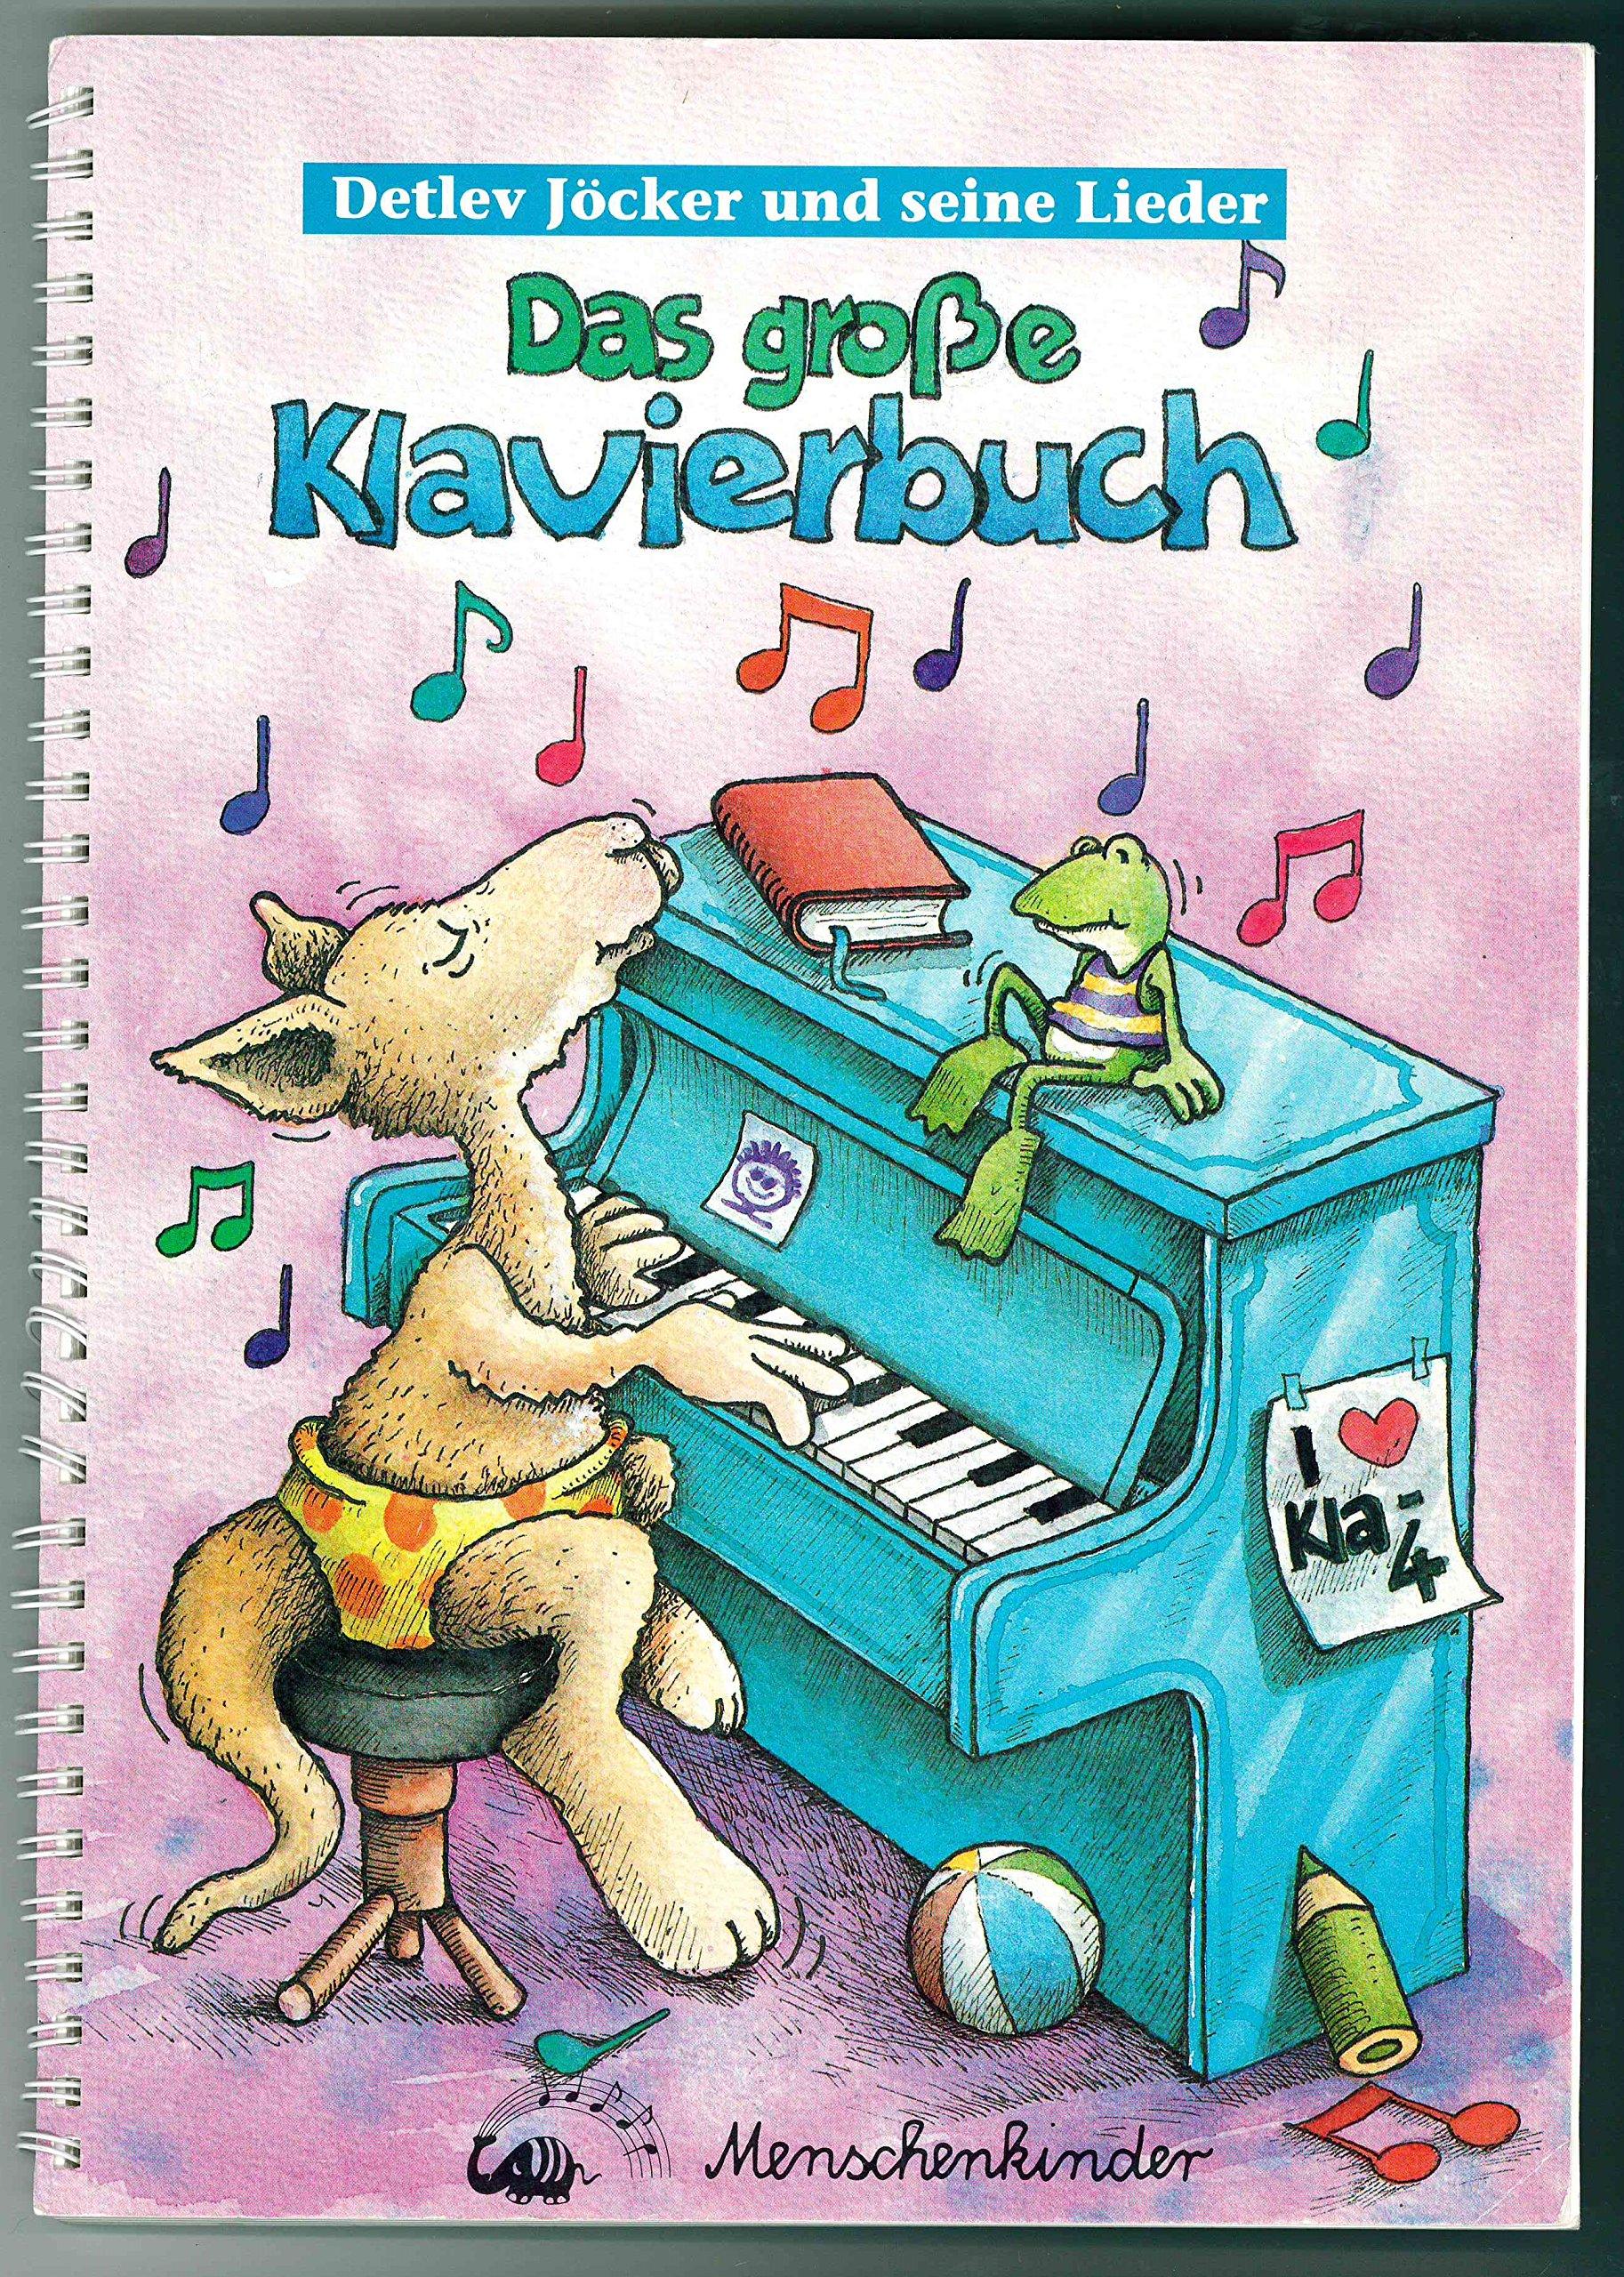 Seine Lieder - Das grosse Klavierbuch